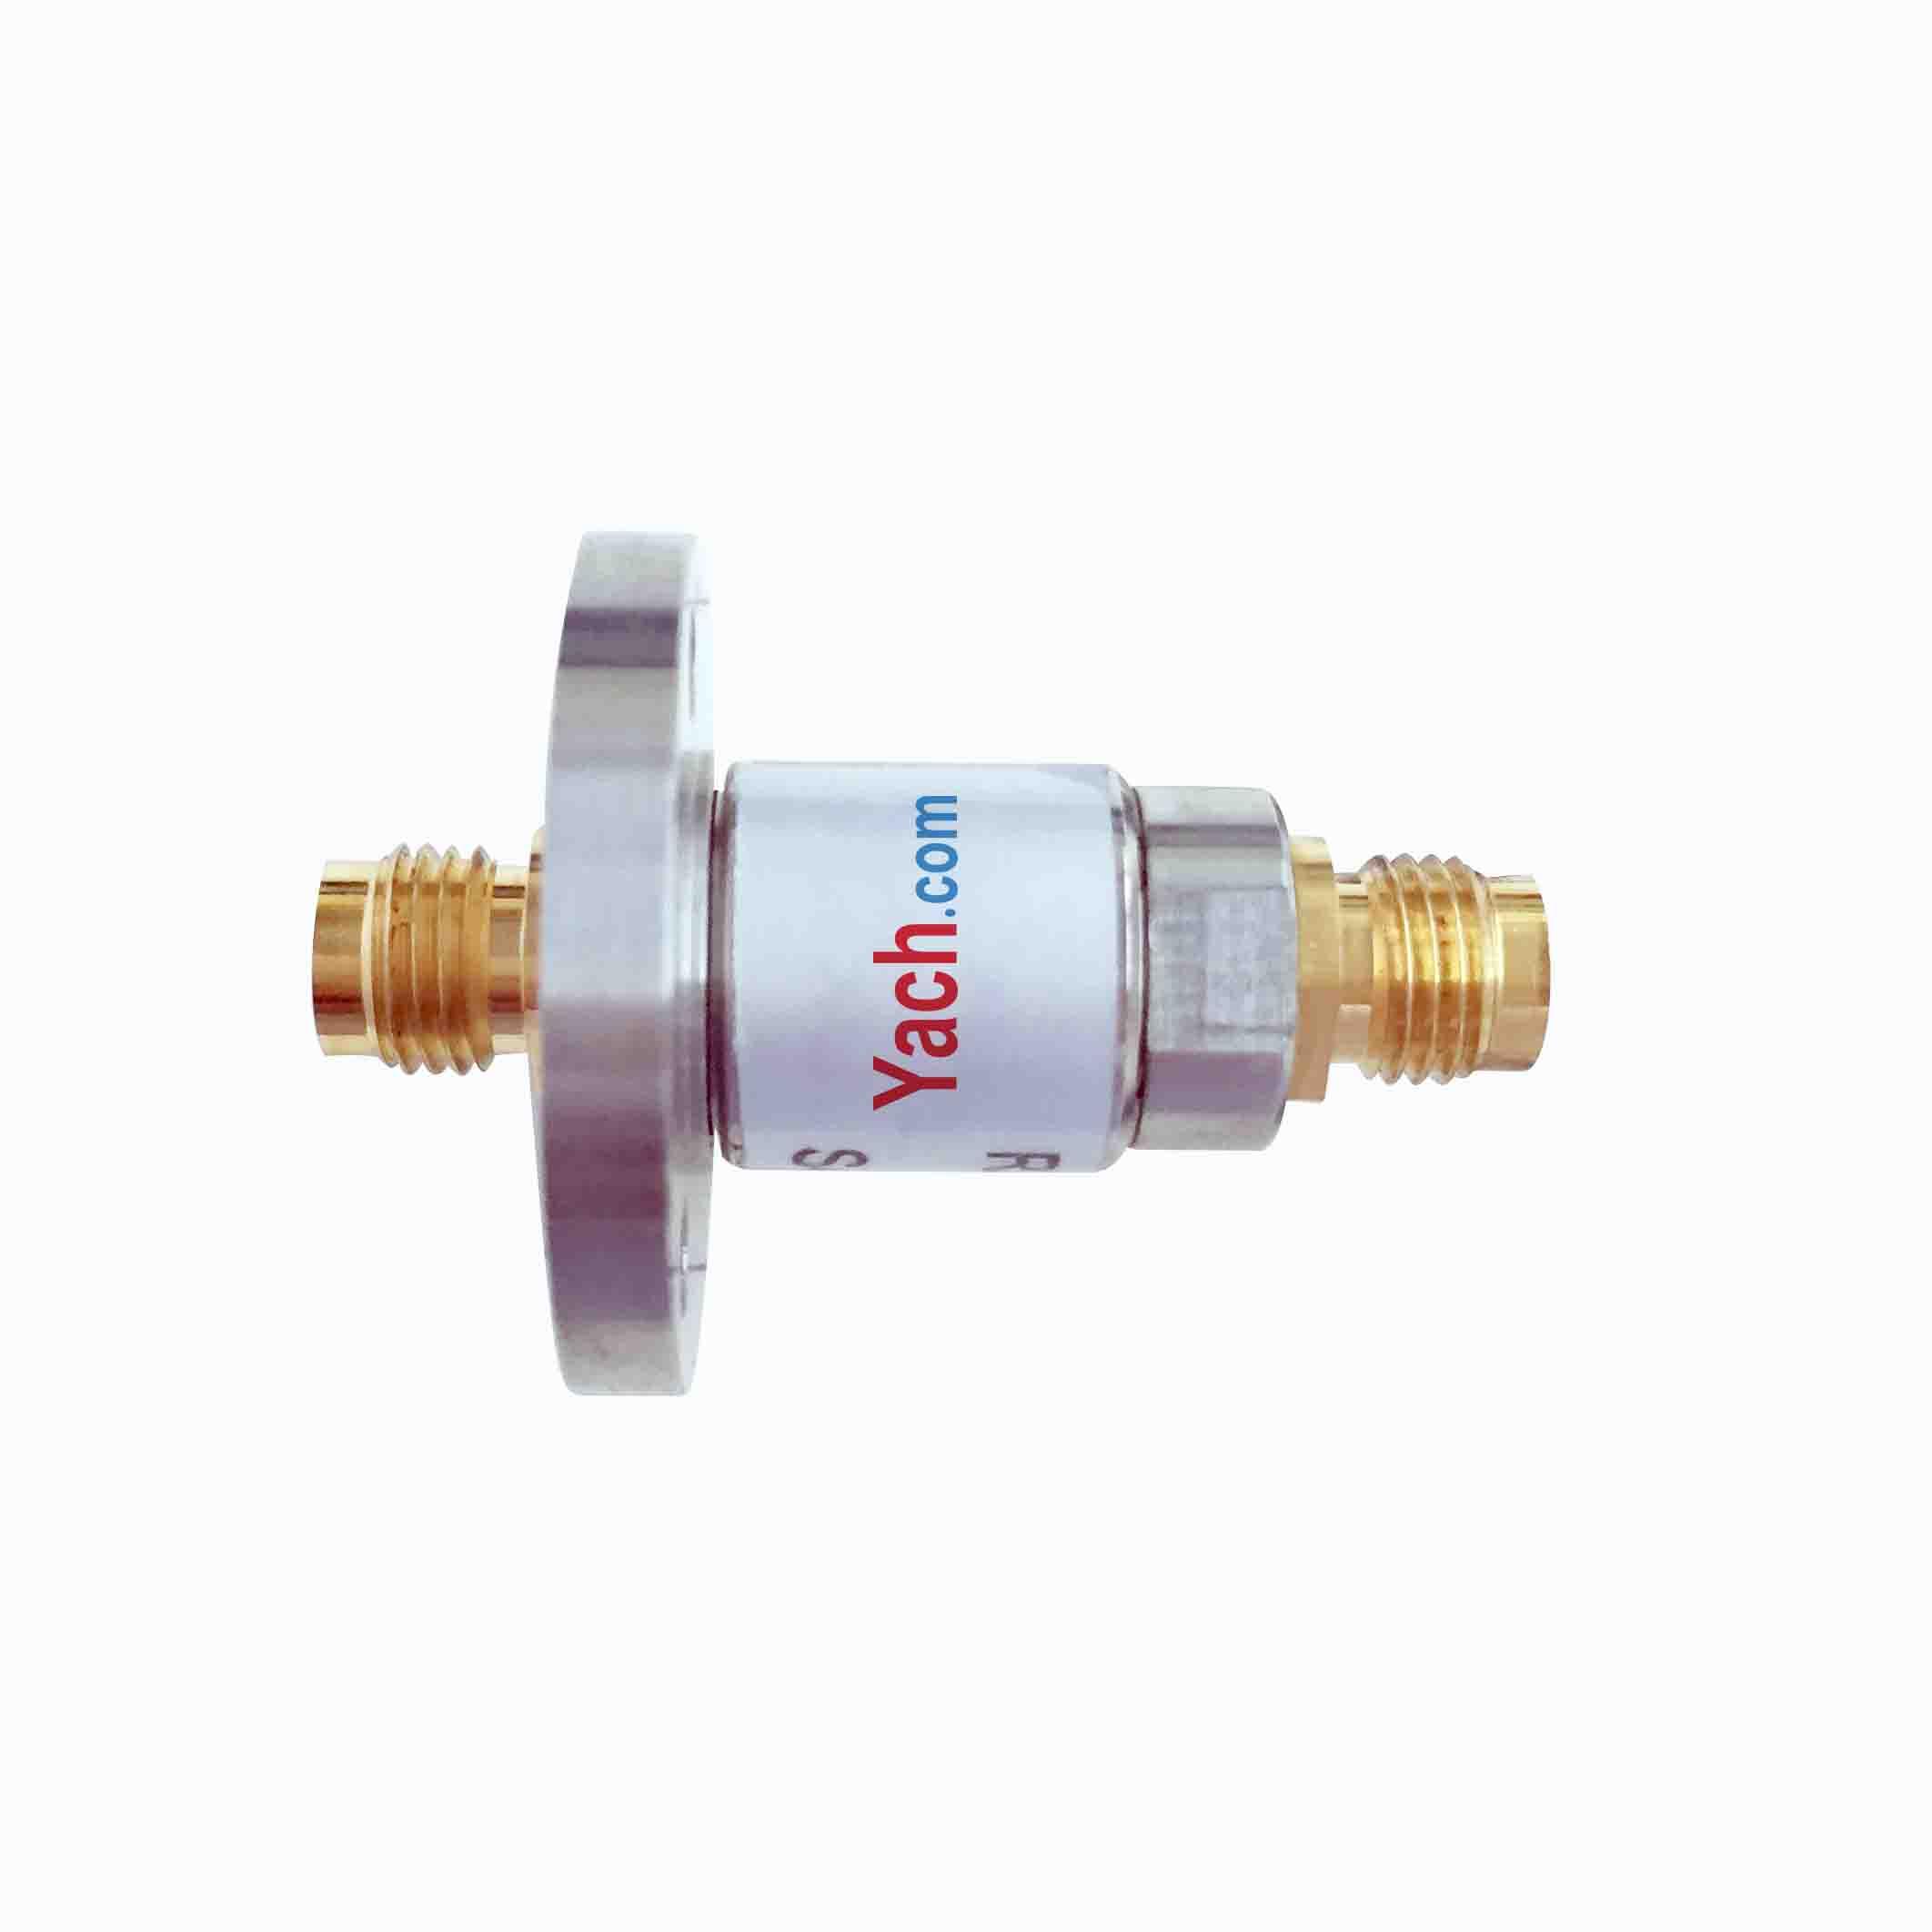 单路同轴十博最佳体育平台网址 RJ518033[ DC to 50 GHz] 2.4mm 母头